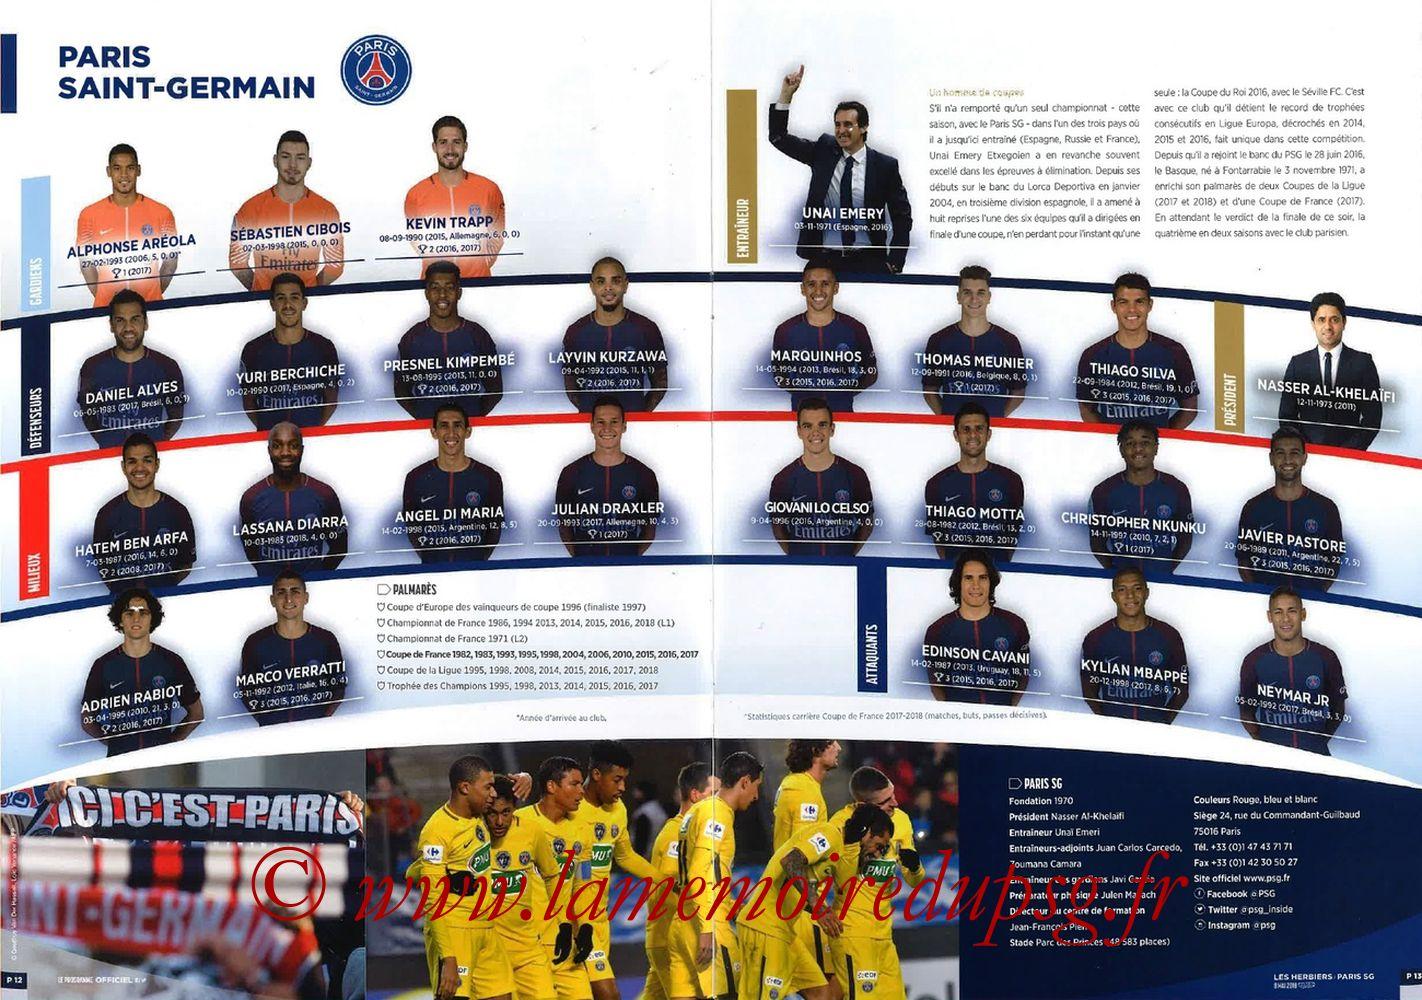 2018-05-08  Les Herbiers-PSG (Finale CF à Saint-Denis, Programme officiel FFF) - Pages 12 et 13